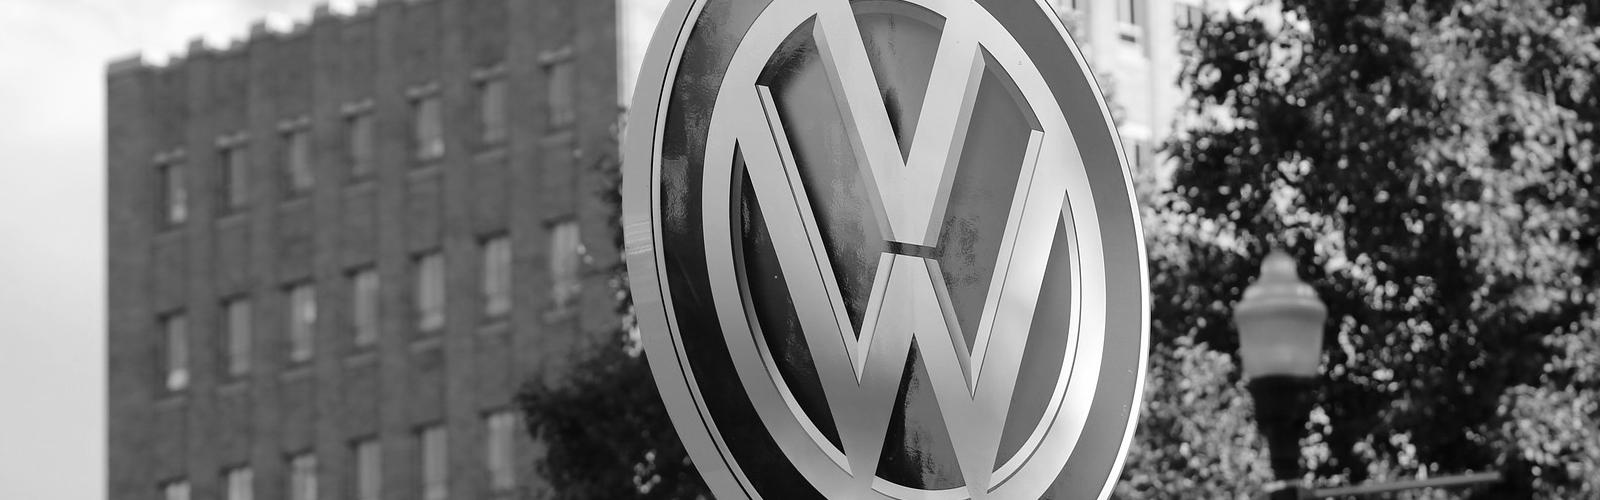 VW muss vollen Kaufpreis zurückzahlen - schutte.legal kämpft seit drei Jahren für Ihr Recht